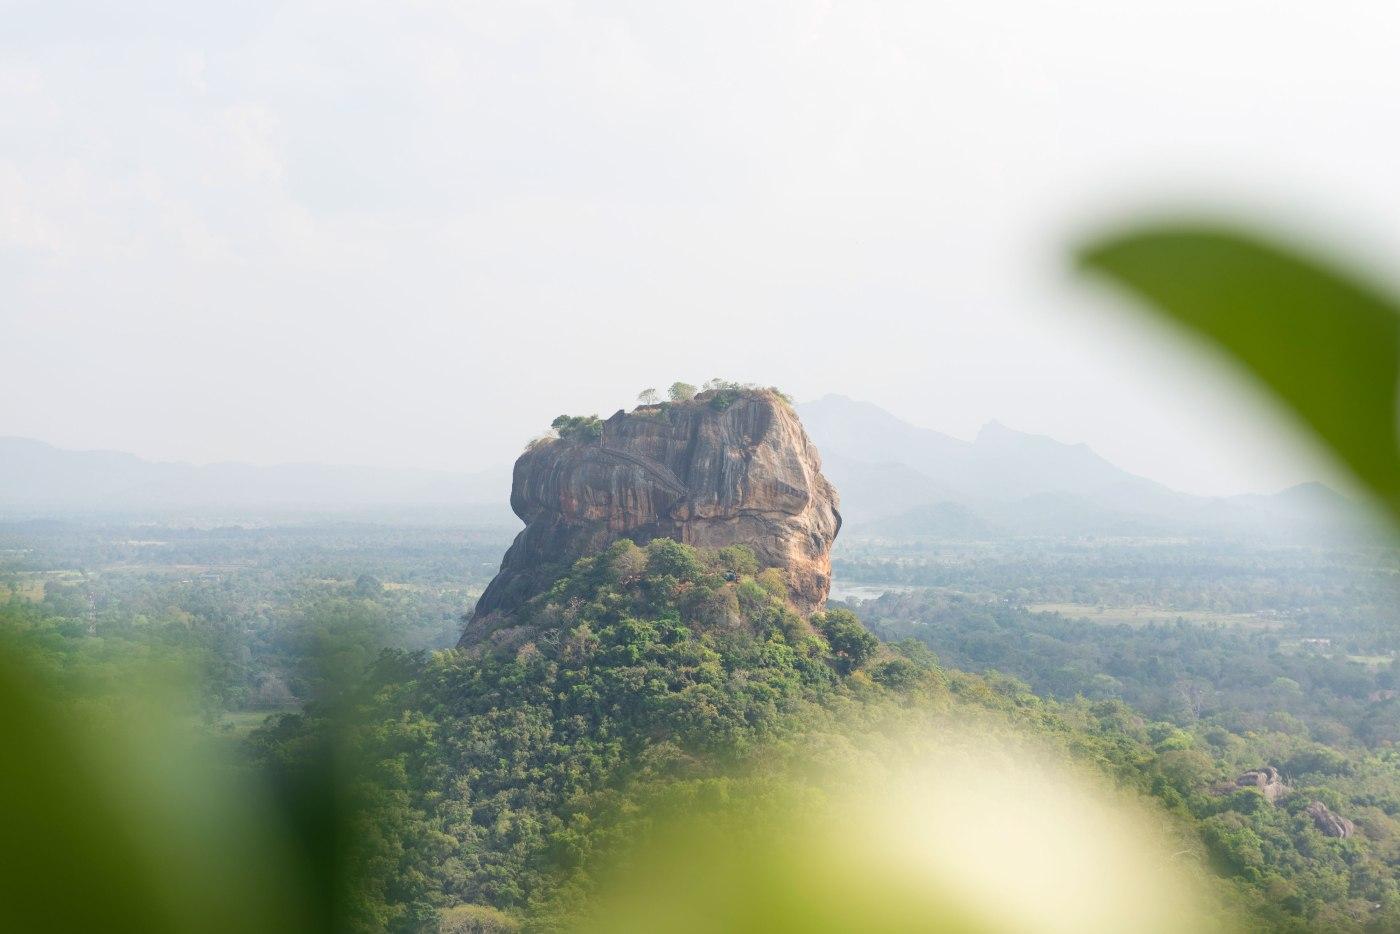 Photo de la roche de Sigiriya vue de face.